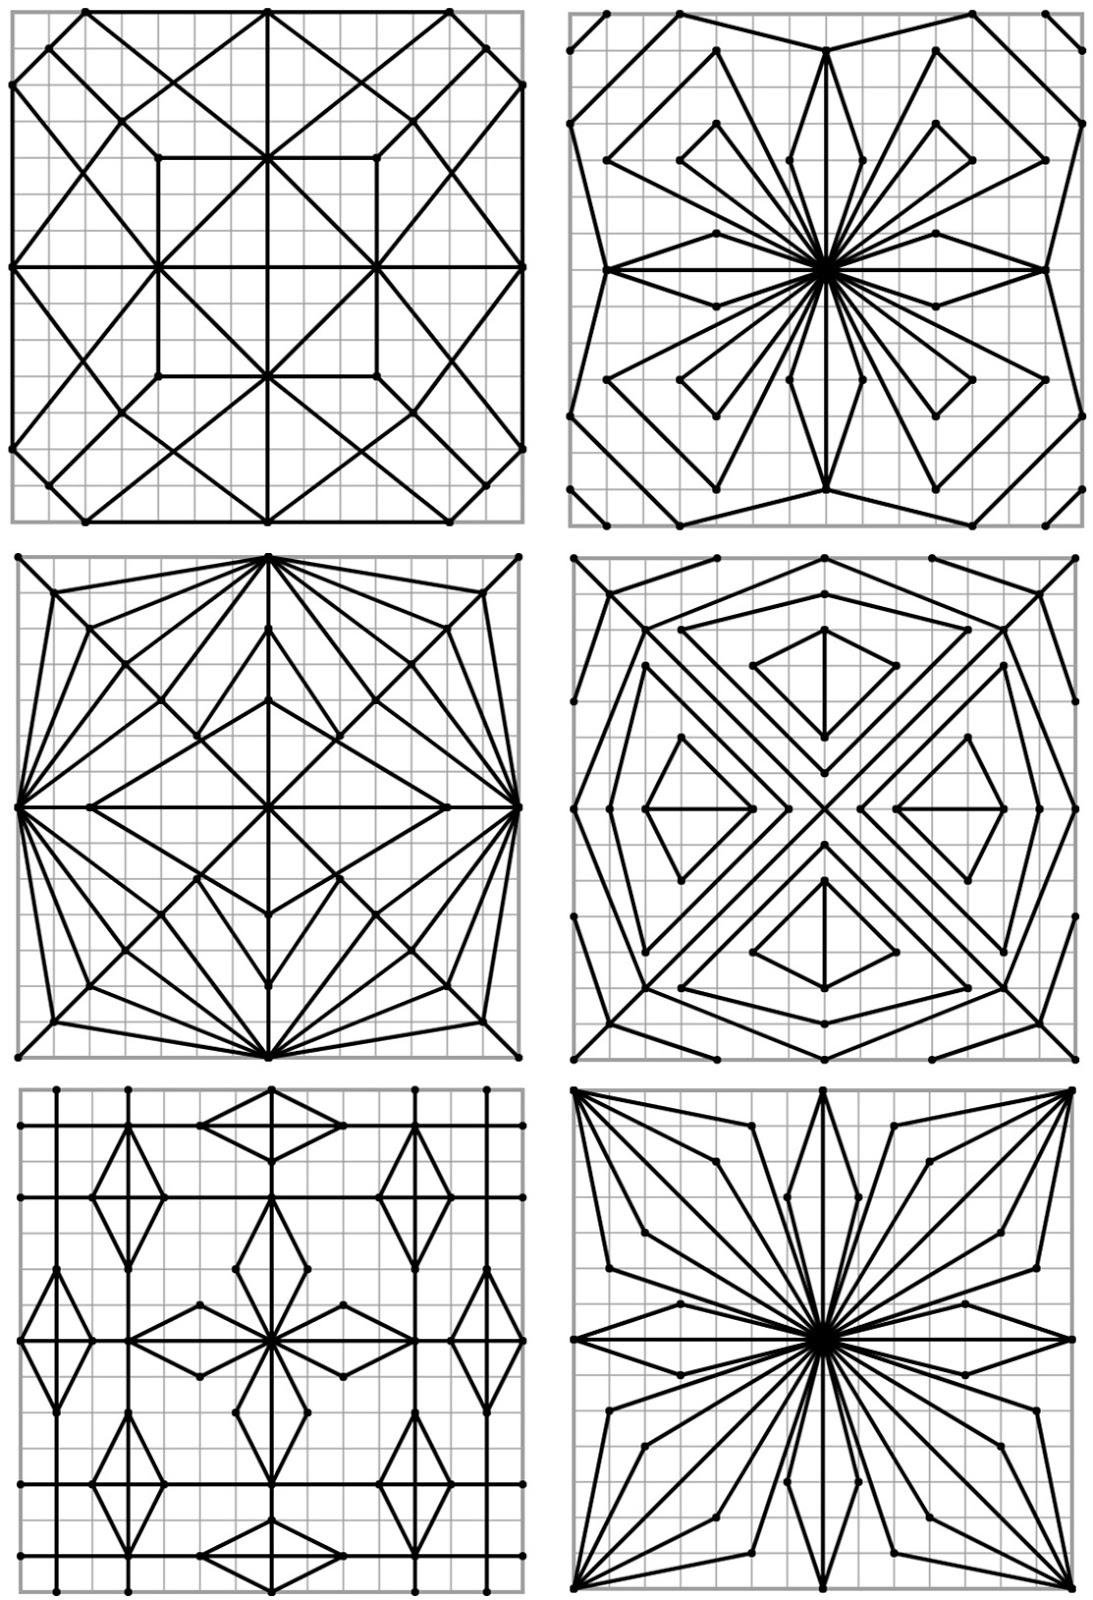 Remue Méninge: Reproduction De Figures Géométriques tout Reproduction De Figures Sur Quadrillage